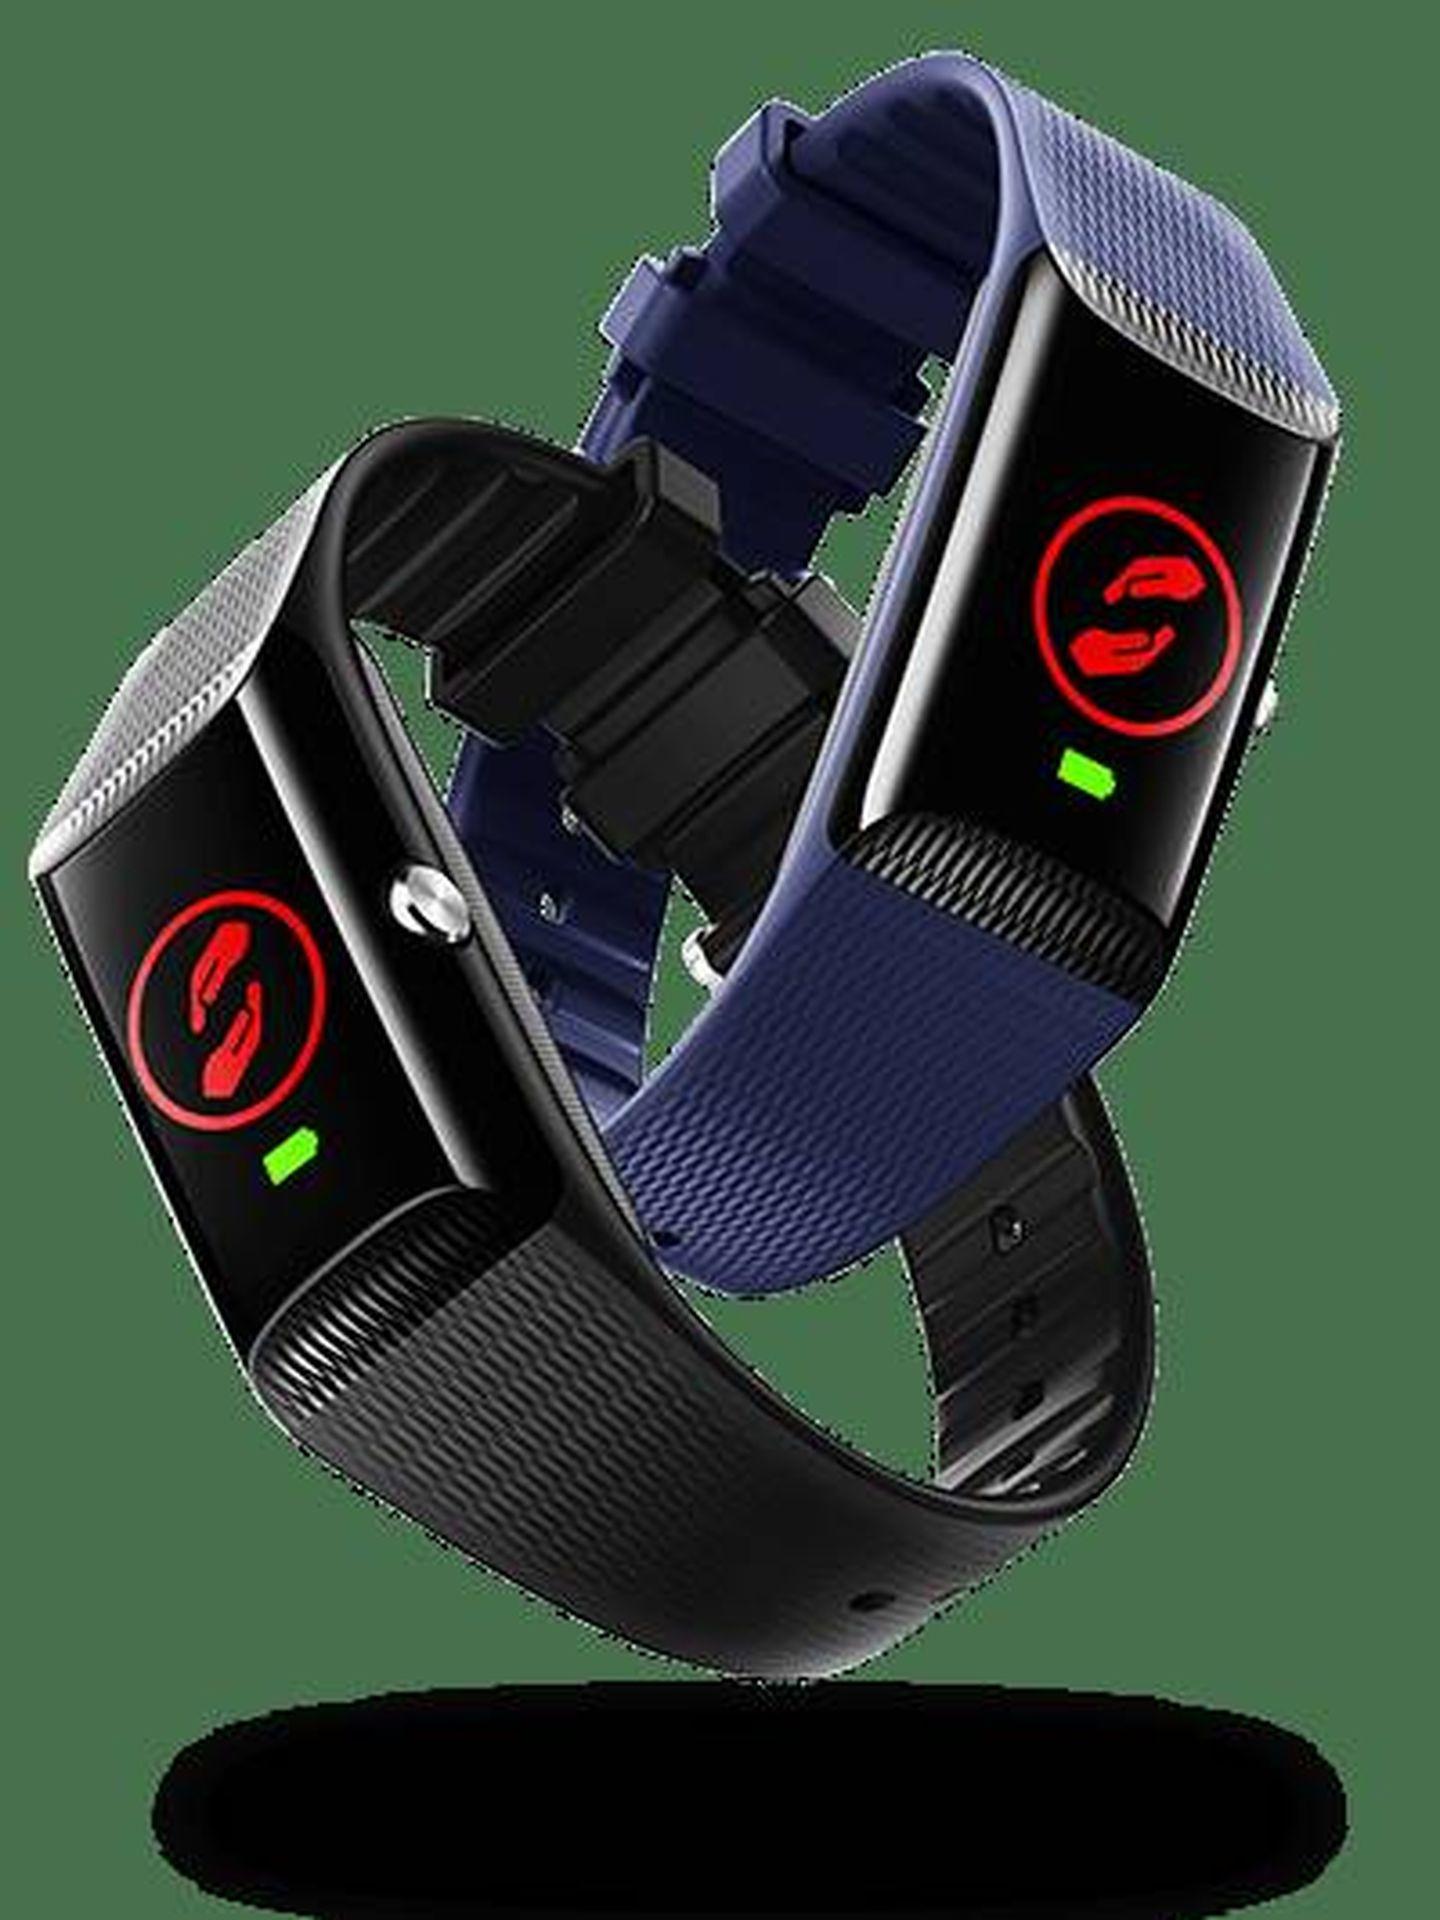 La V-SOS Band forma parte de la gama de productos V by Vodafone que también cuenta con relojes inteligentes para niños. (Vodafone)